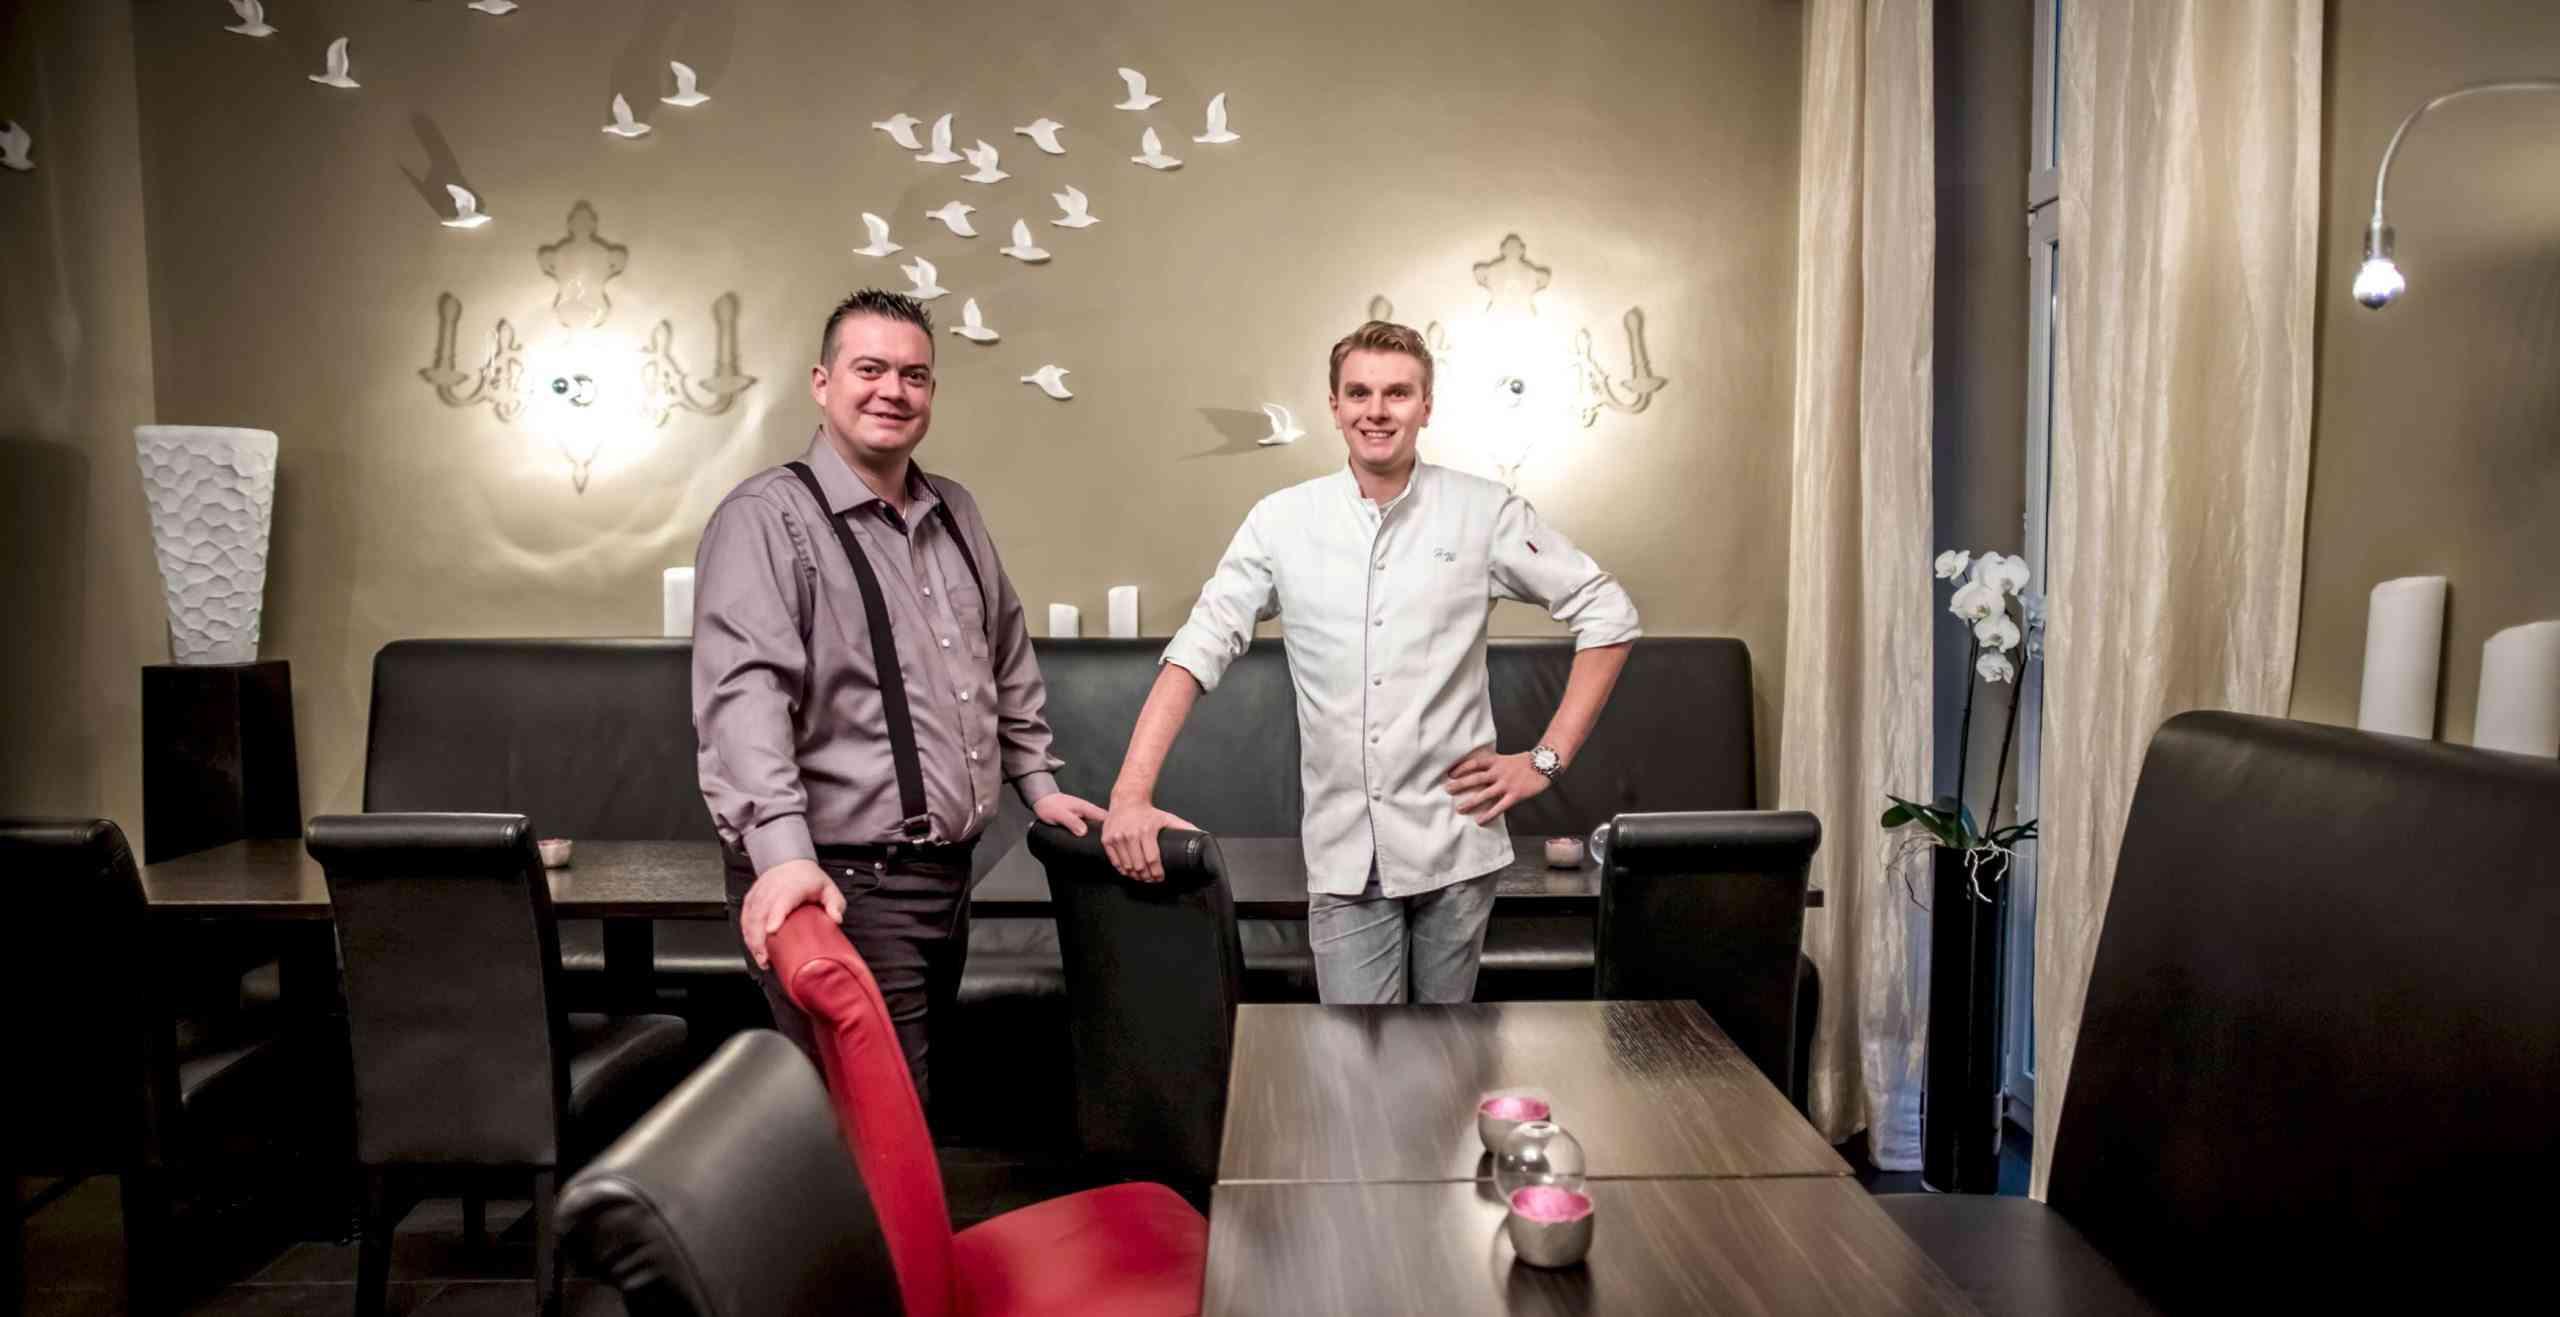 Romantische Restaurants In Düsseldorf Zum Valentinstag 2019 innen Romantisches Dinner Düsseldorf